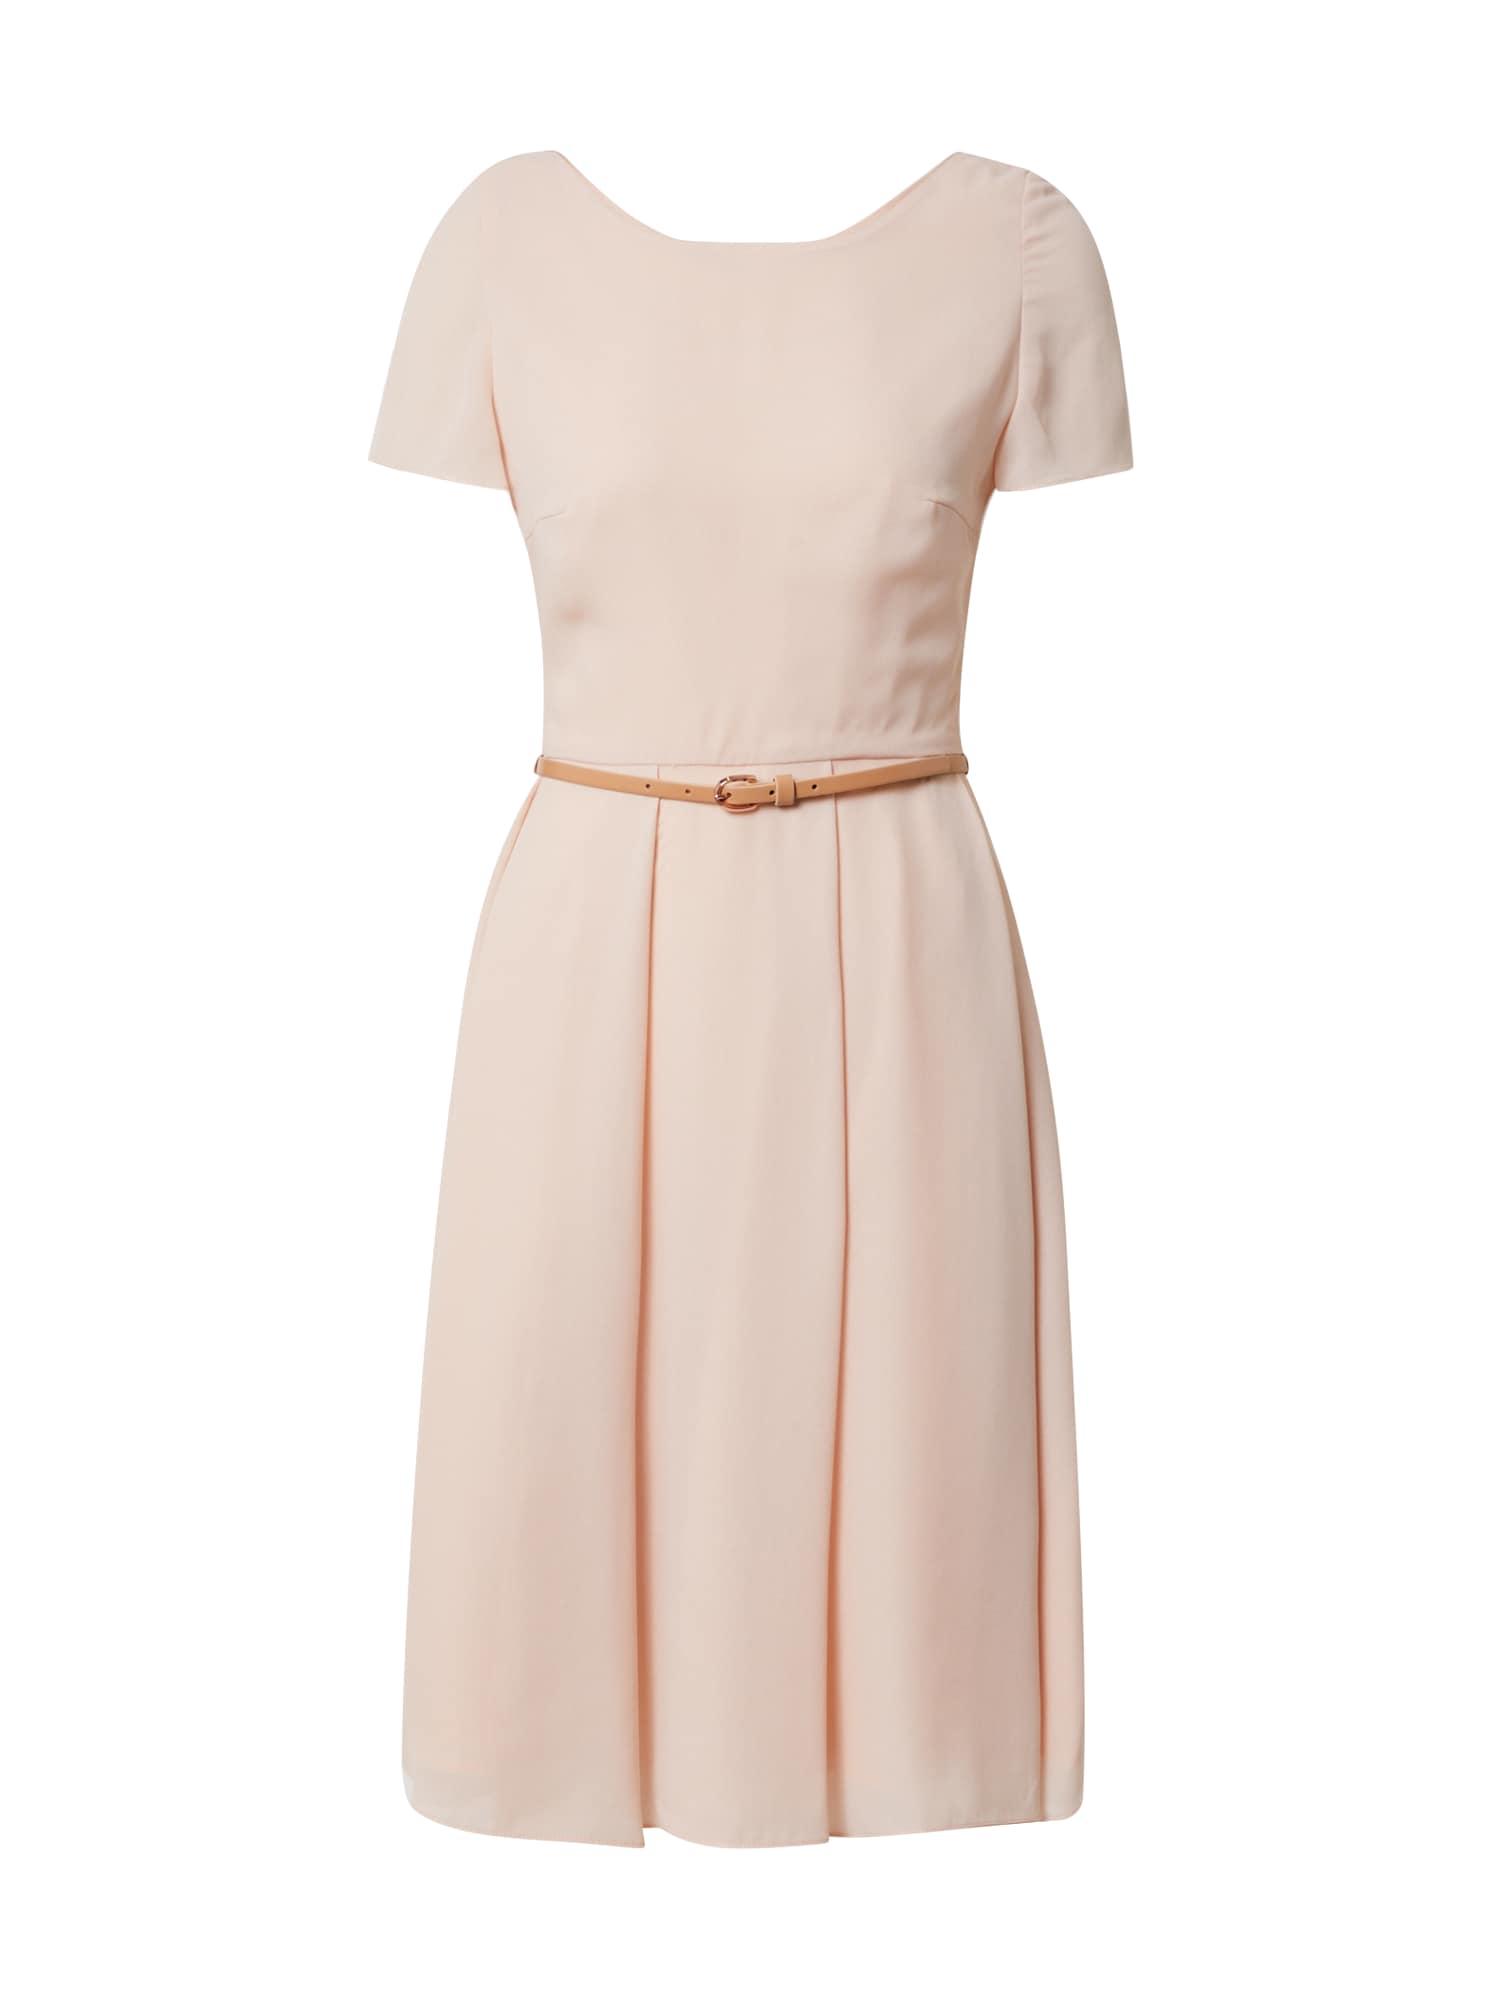 SWING Kokteilinė suknelė pastelinė rožinė